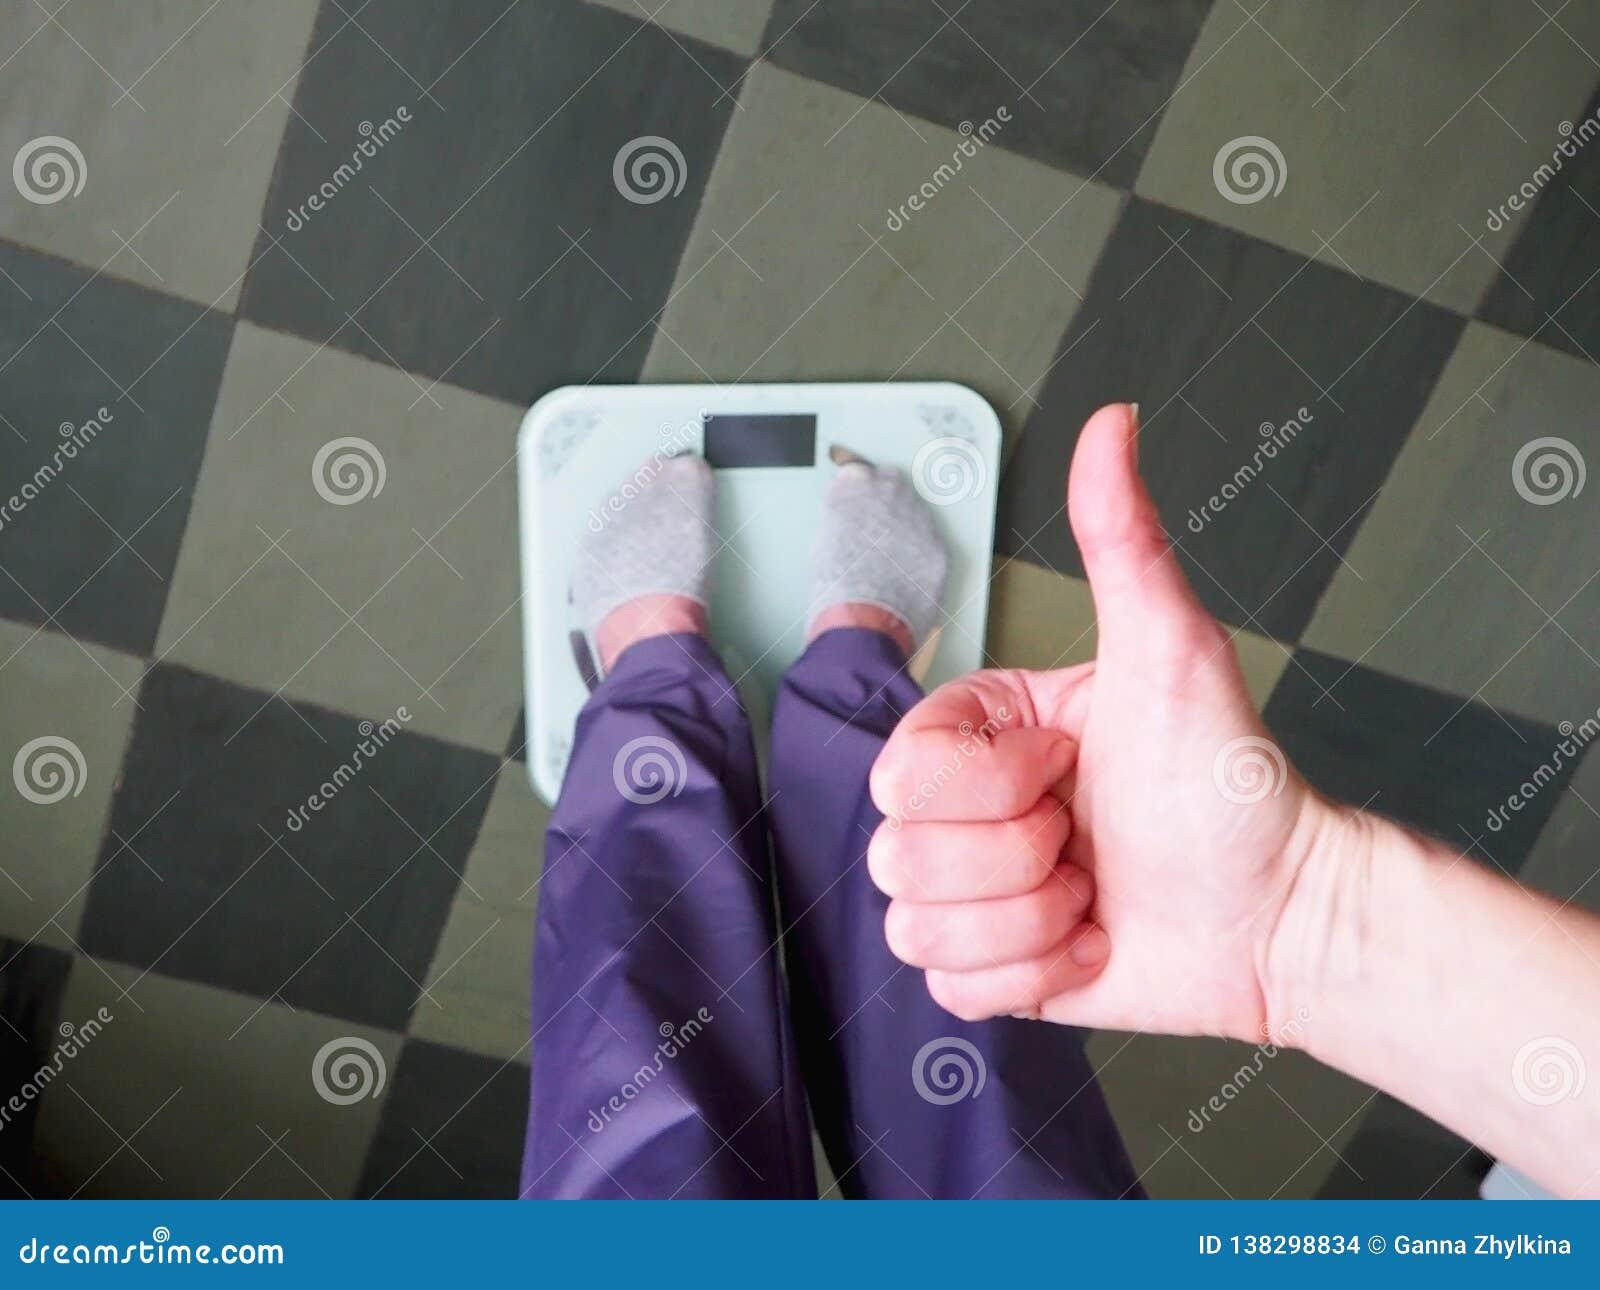 Pieds sur des échelles sur le plancher dans la chambre